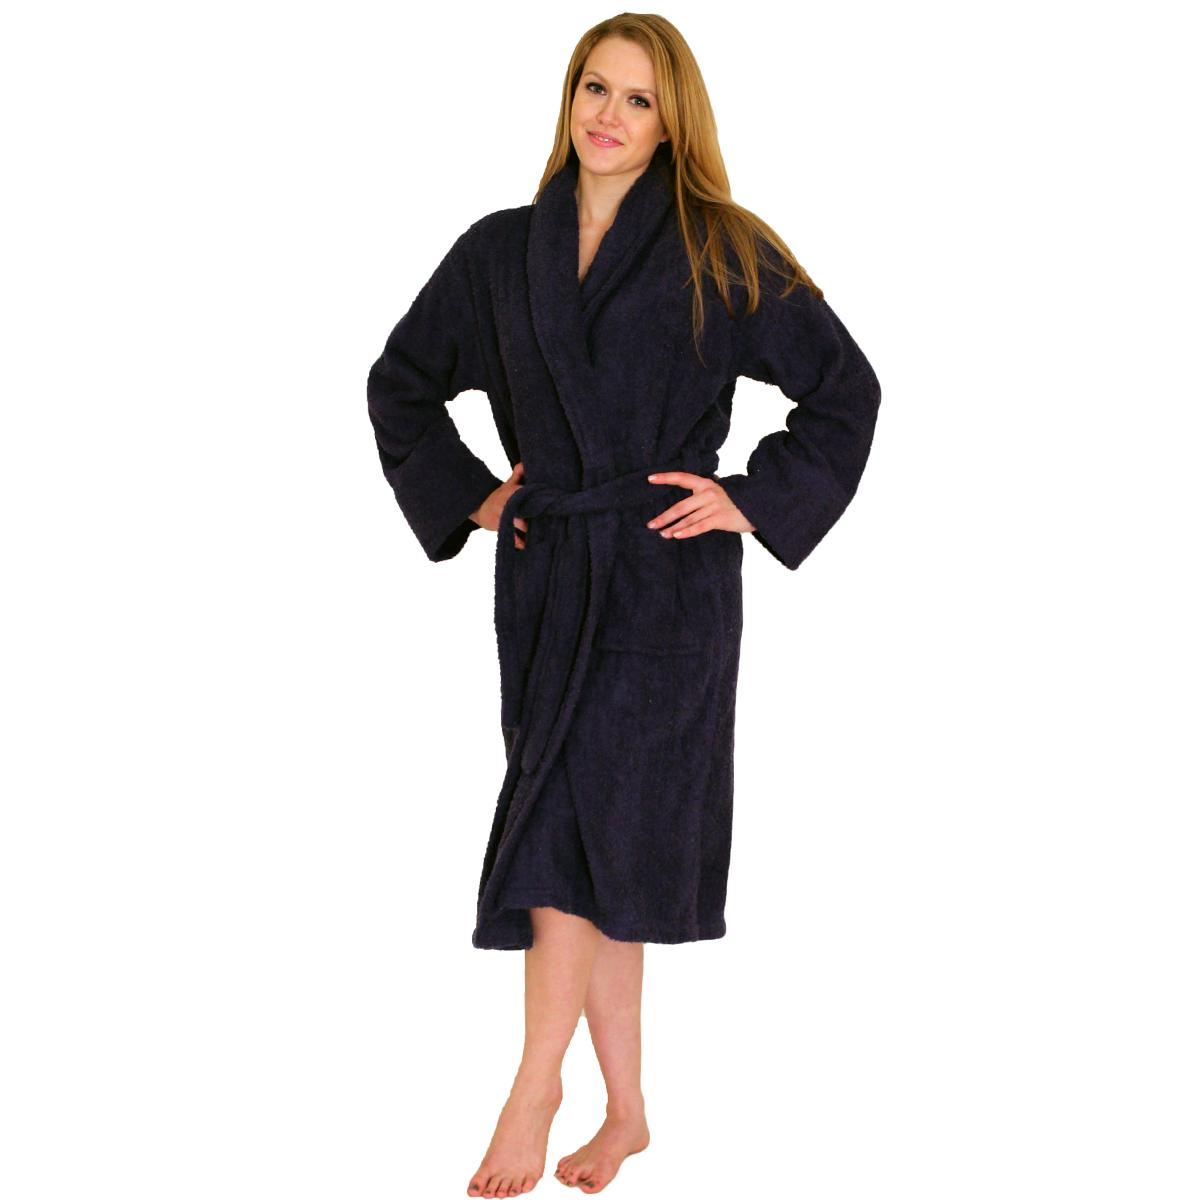 Bathrobe TerryCloth (Terry cloth) Bath Robe for women- $34.99 Colors